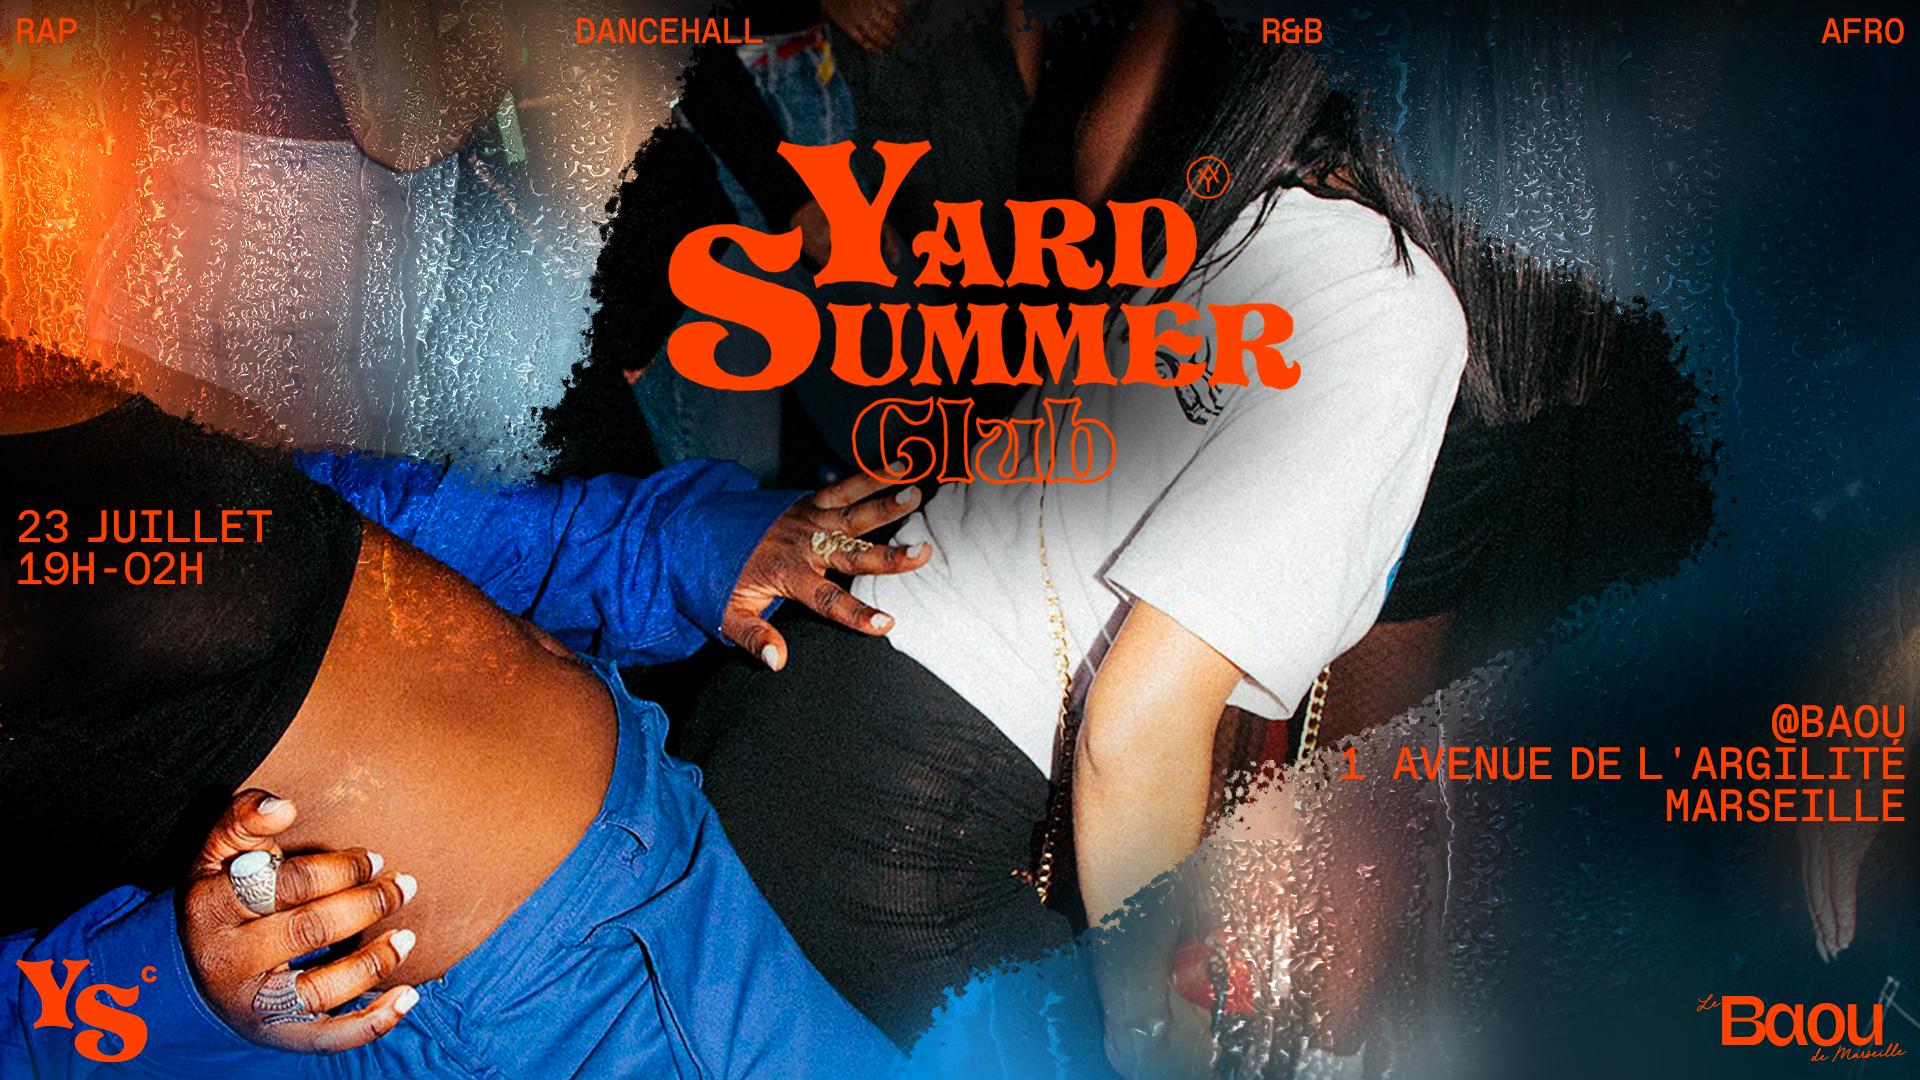 YARD SUMMER CLUB x BAOU